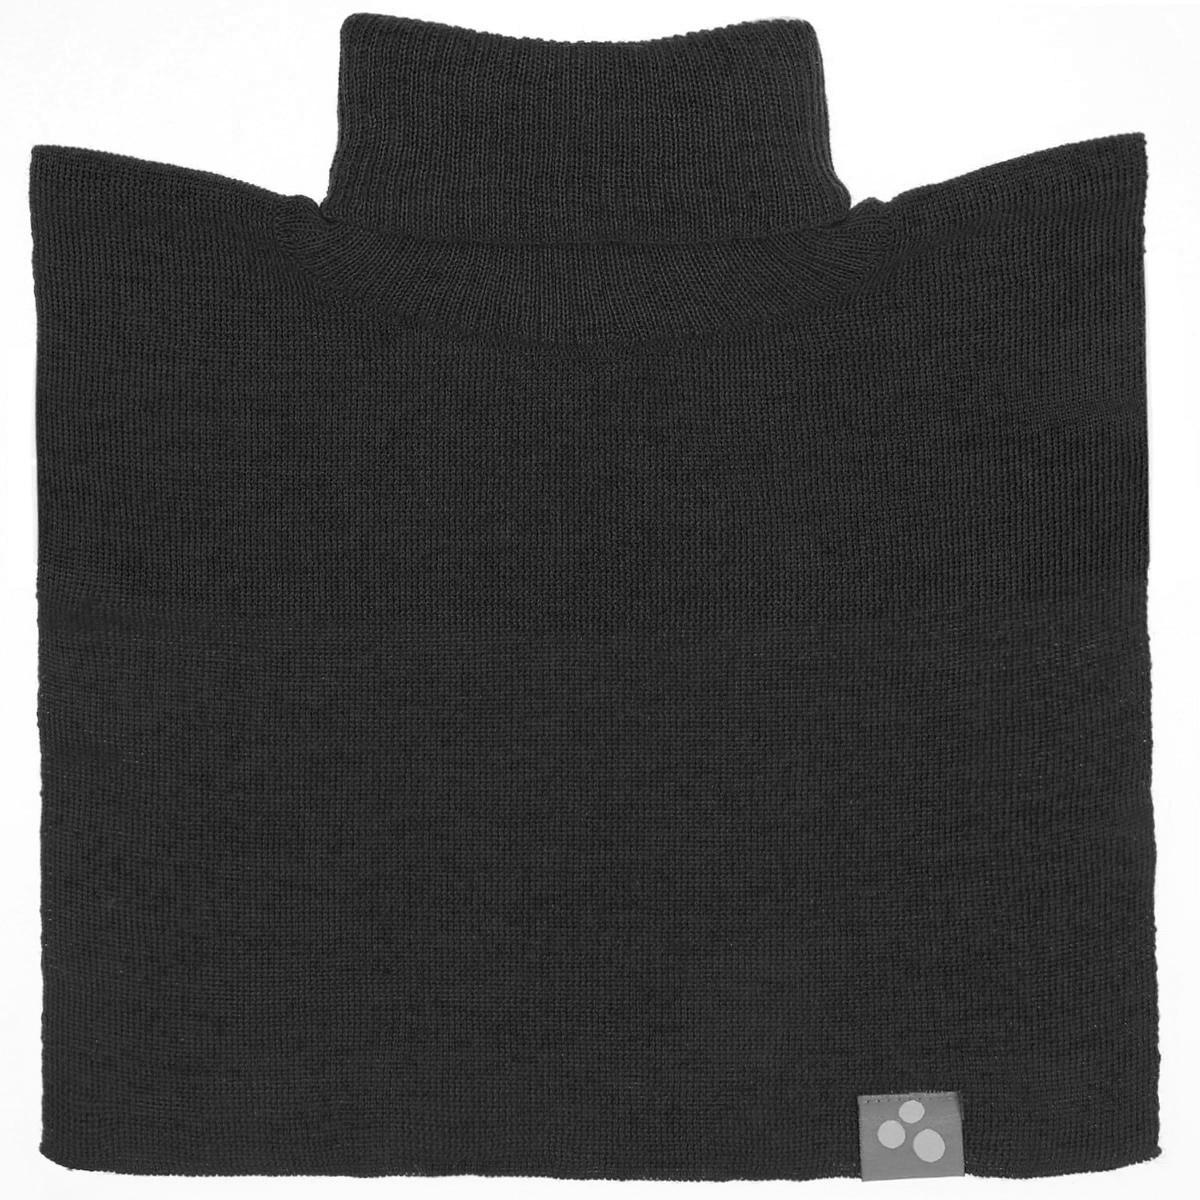 Манишка детская. 8606AW14/8606AW158606AW14_3Классическая вязаная манишка Huppa - удобный и теплый заменитель шарфа в виде большого воротника, закрывающего шею. Изготовленная из шерсти и акрила, а также из 100% хлопка, она идеально подойдет вашему ребенку и станет отличным дополнением к детскому гардеробу в холодное время года. Изделие максимально сохраняет тепло, хорошо тянется и устойчиво к сминанию.